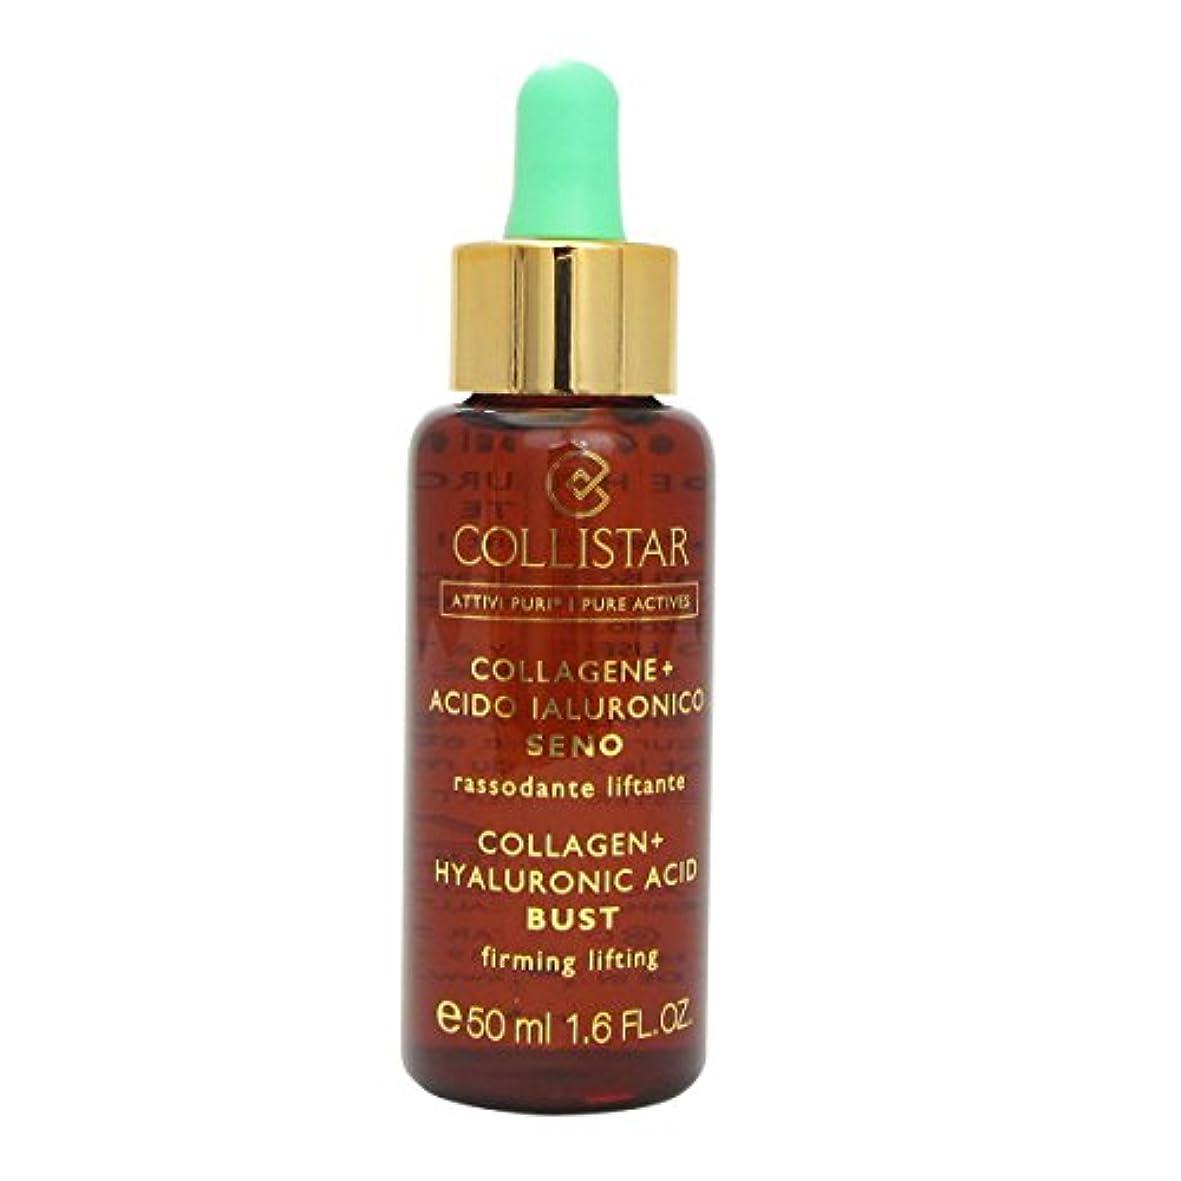 告白日付付き環境Collistar Bust Collagen + Hyaluronic Acid 50ml [並行輸入品]